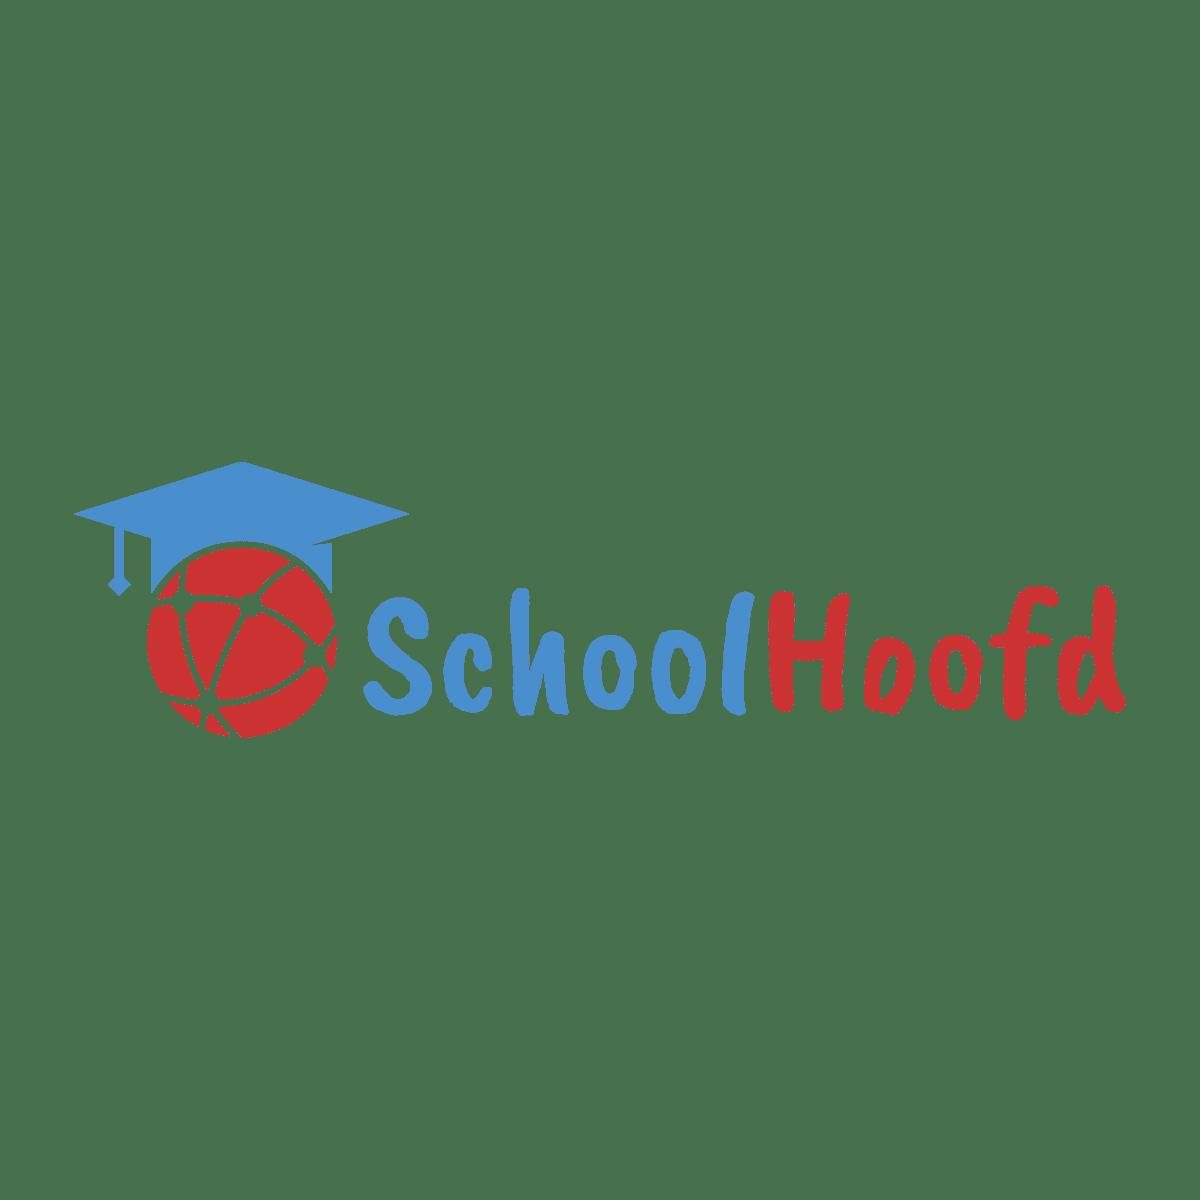 Schoolhoofd